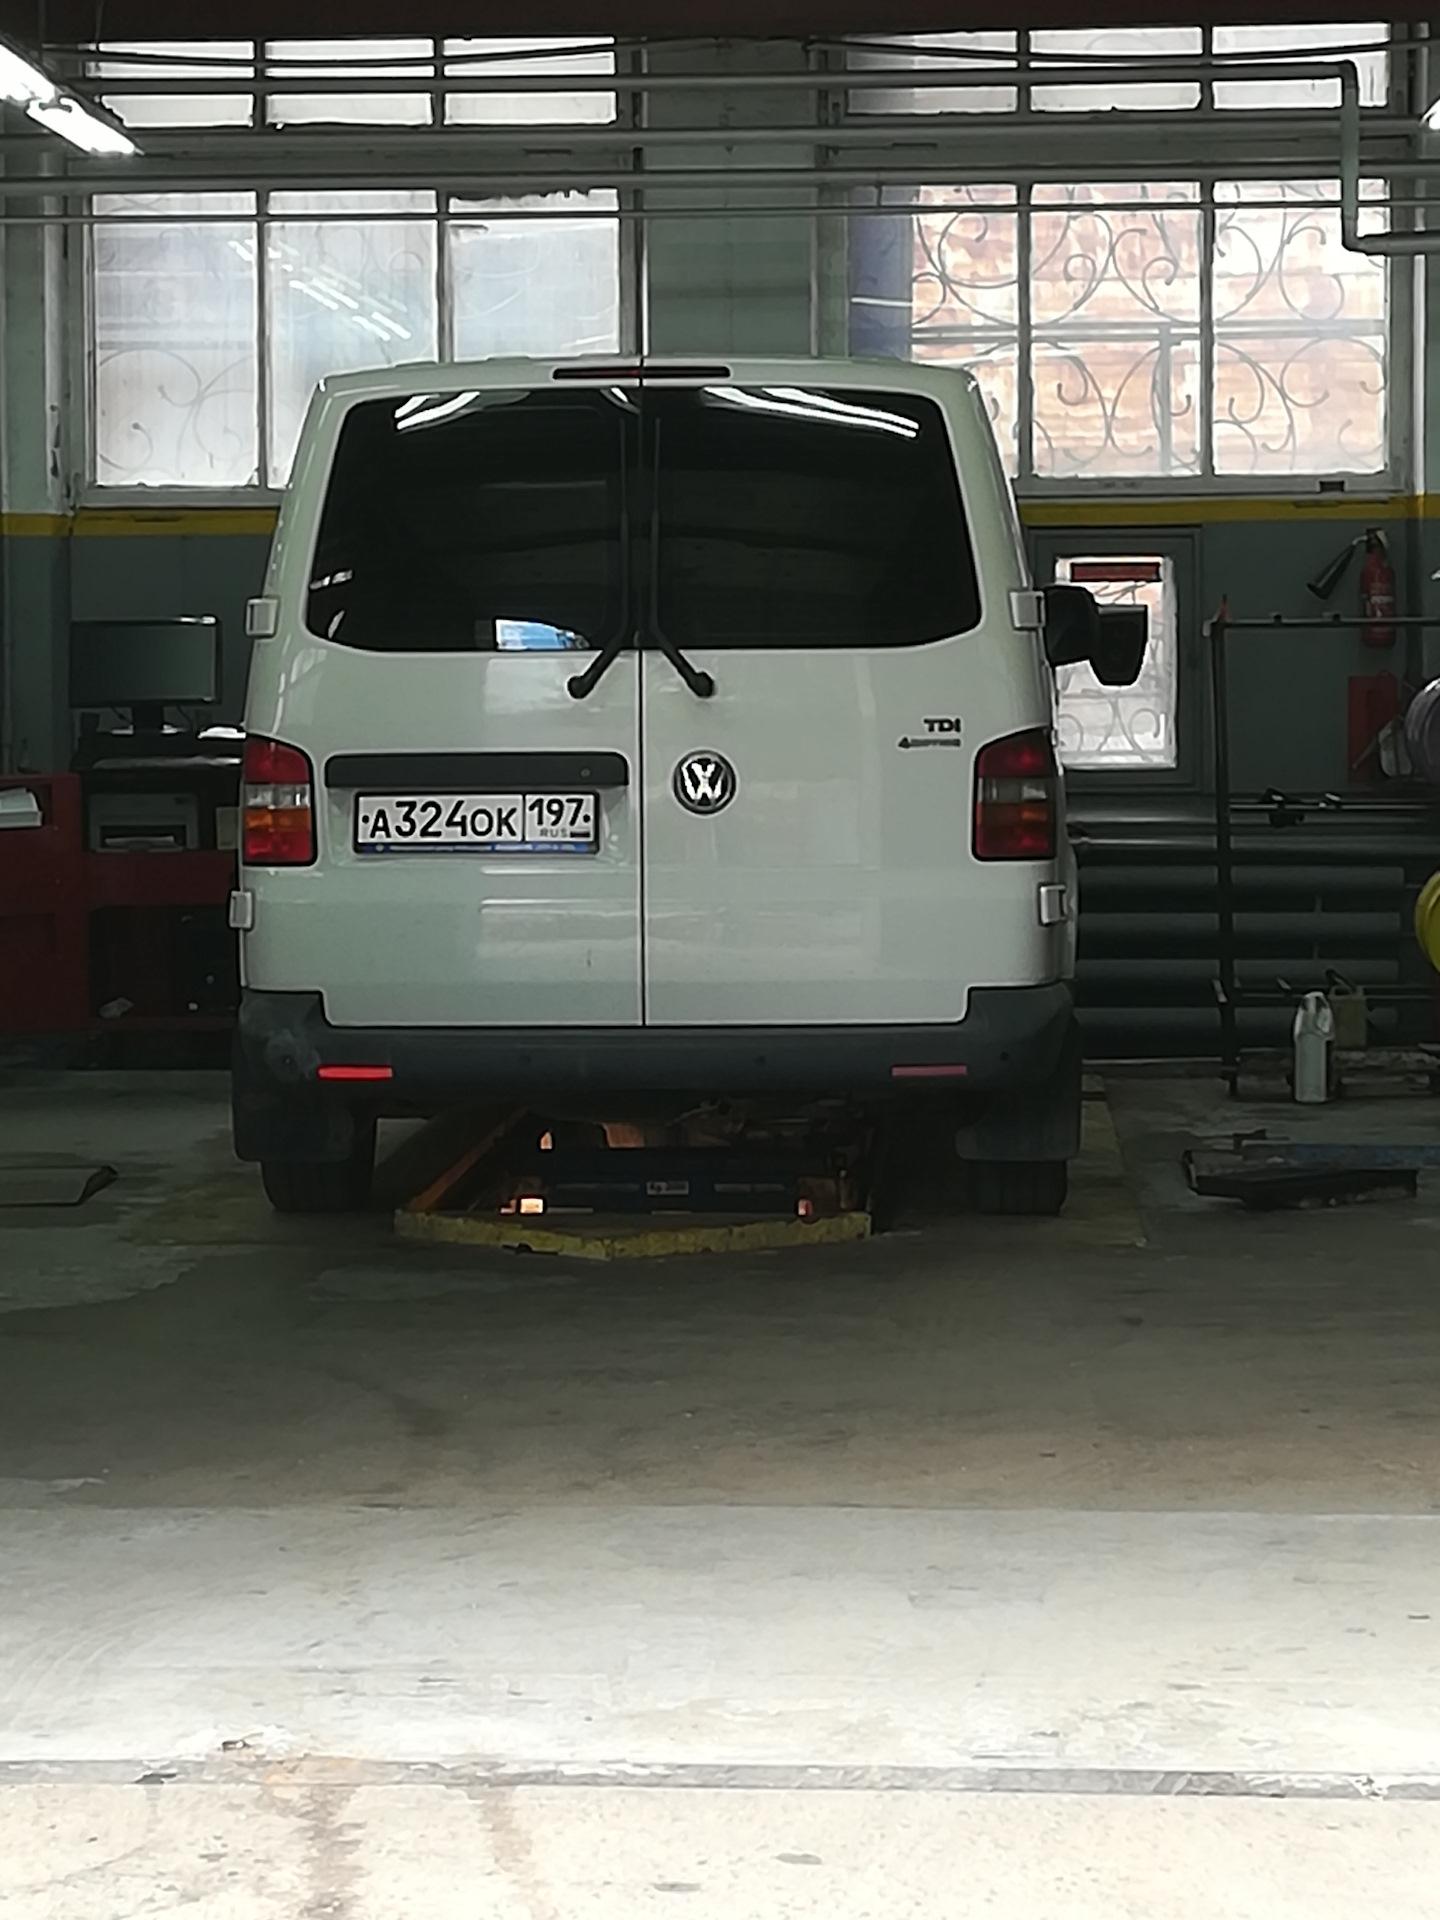 Замена подвесного подшипника транспортер бесперебойной работы конвейера